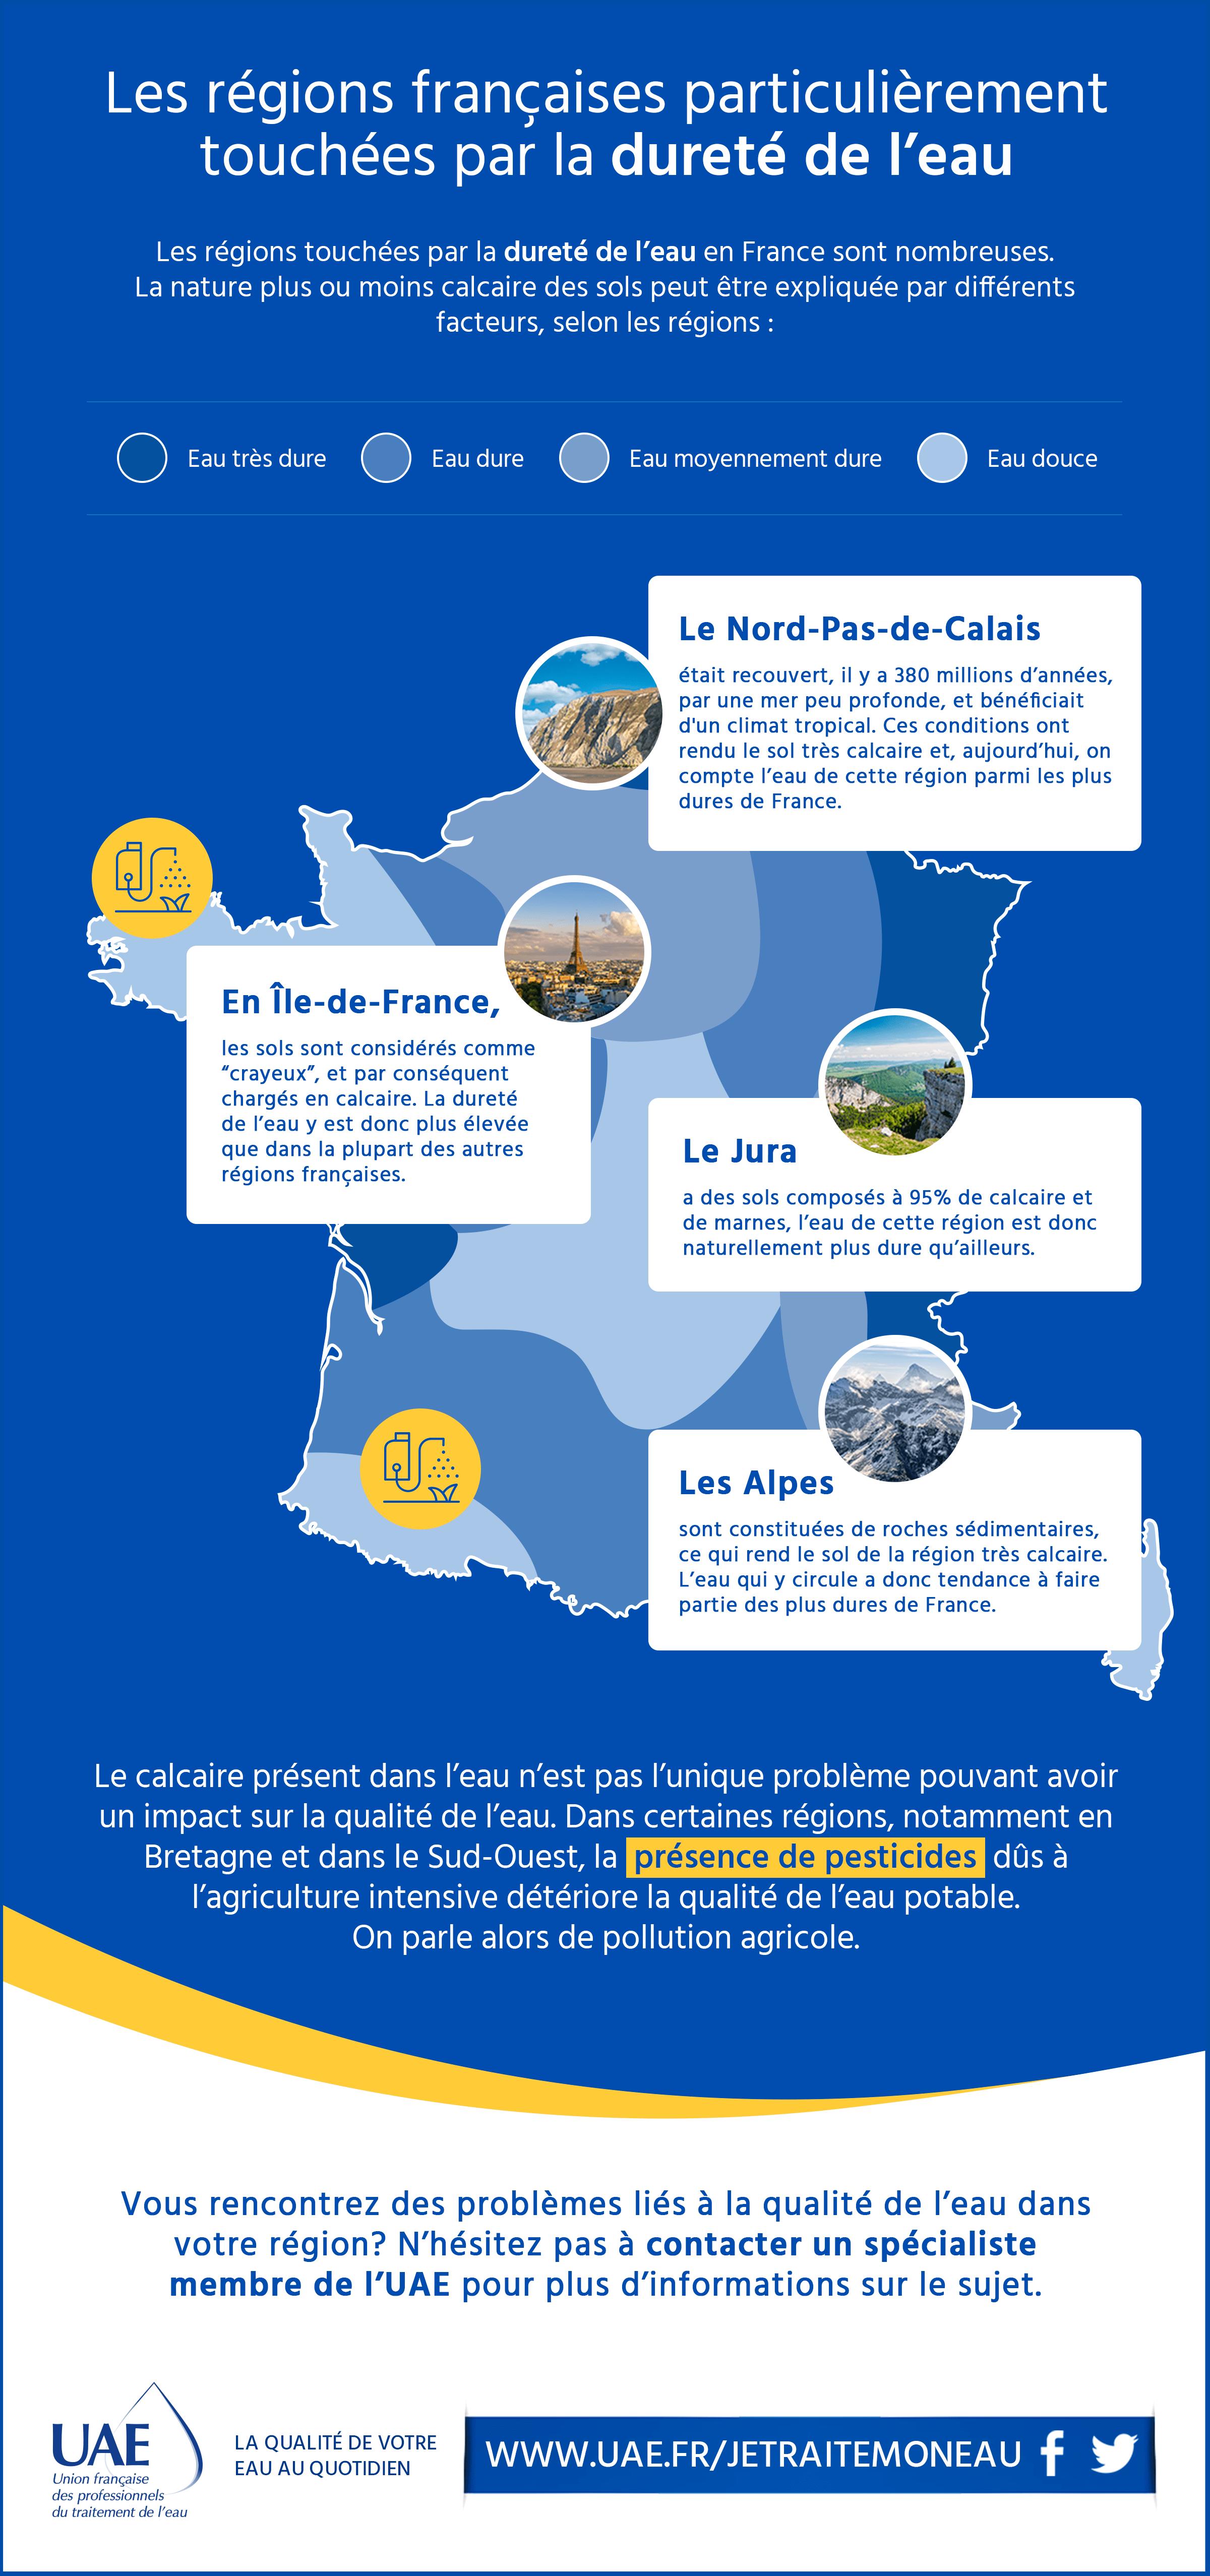 infographie dureté de l'eau